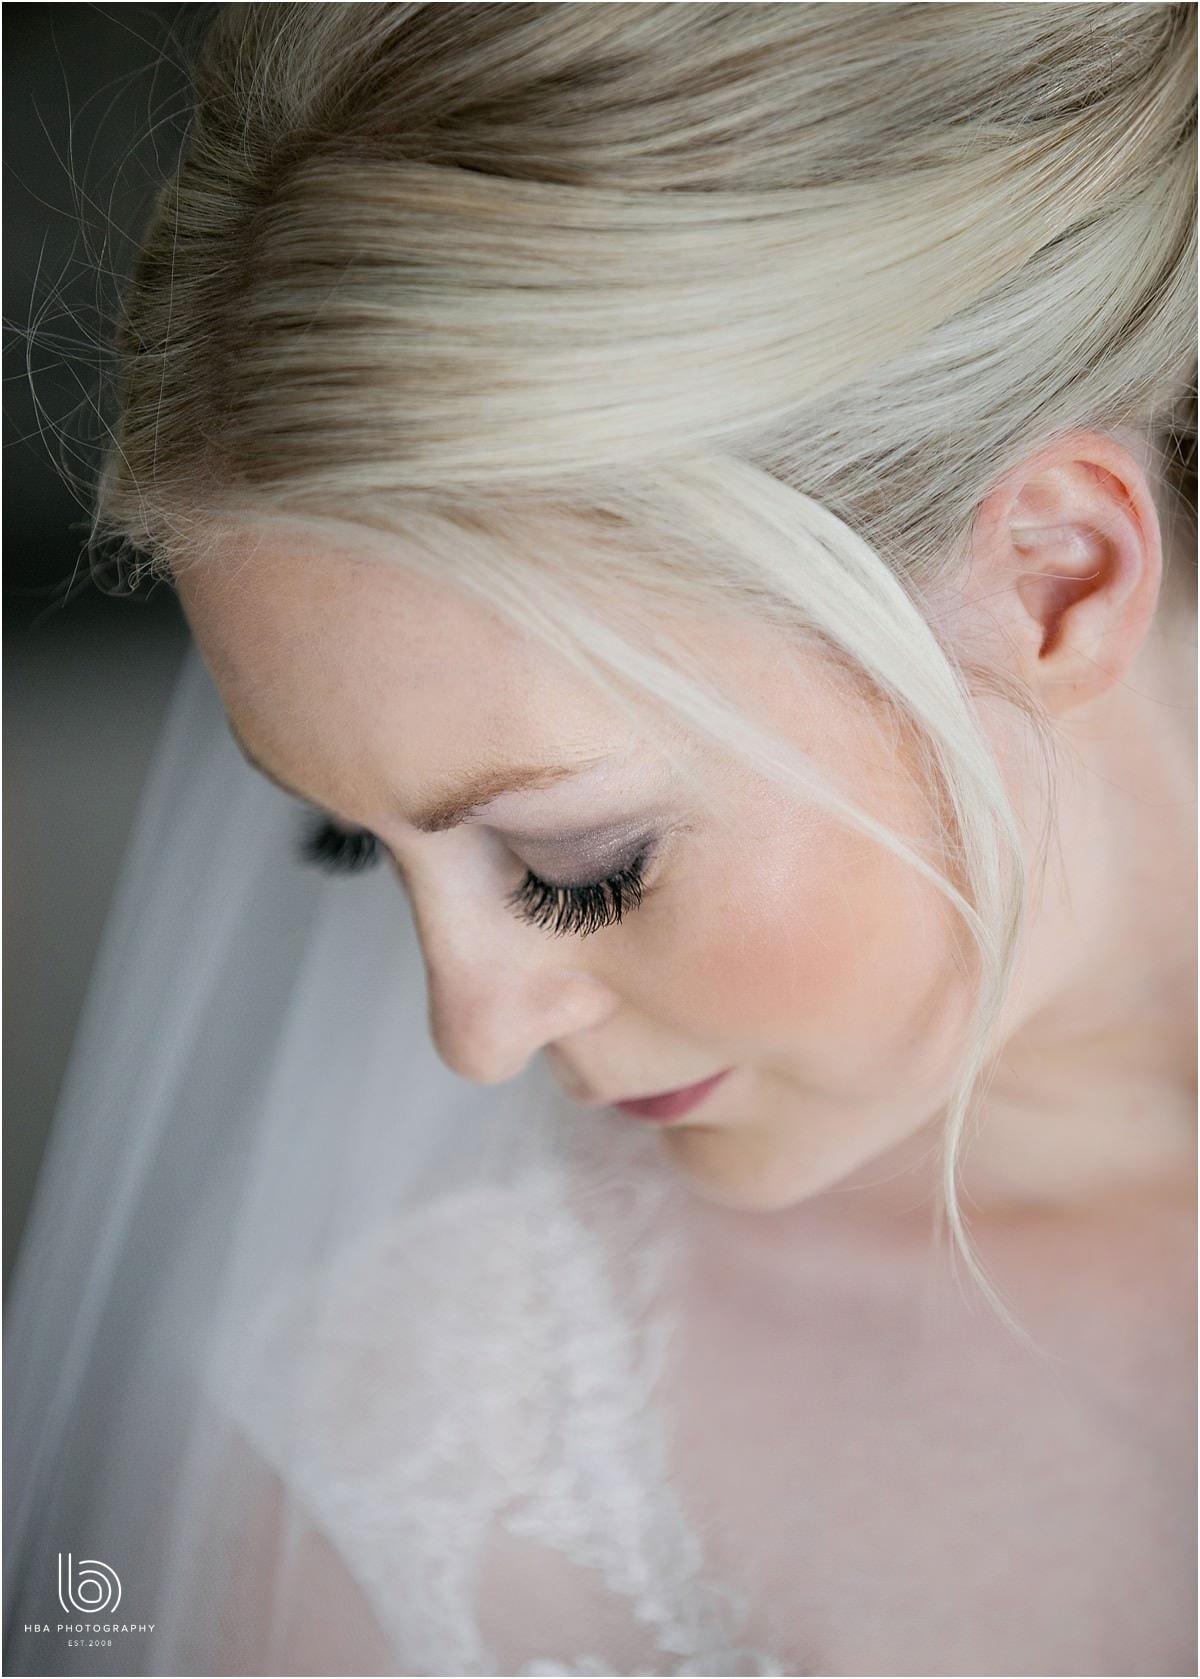 a close bridal portrait photo